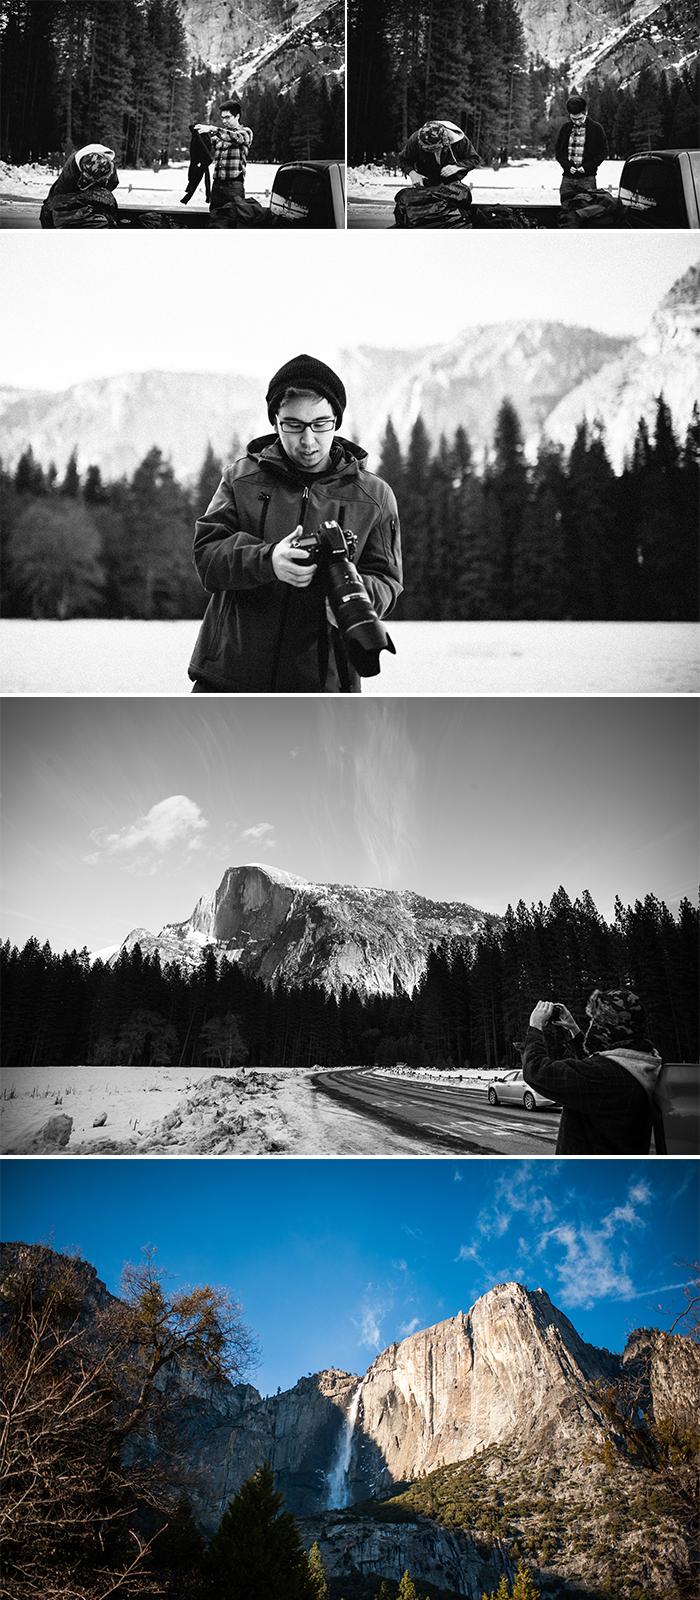 Yosemite half dome falls